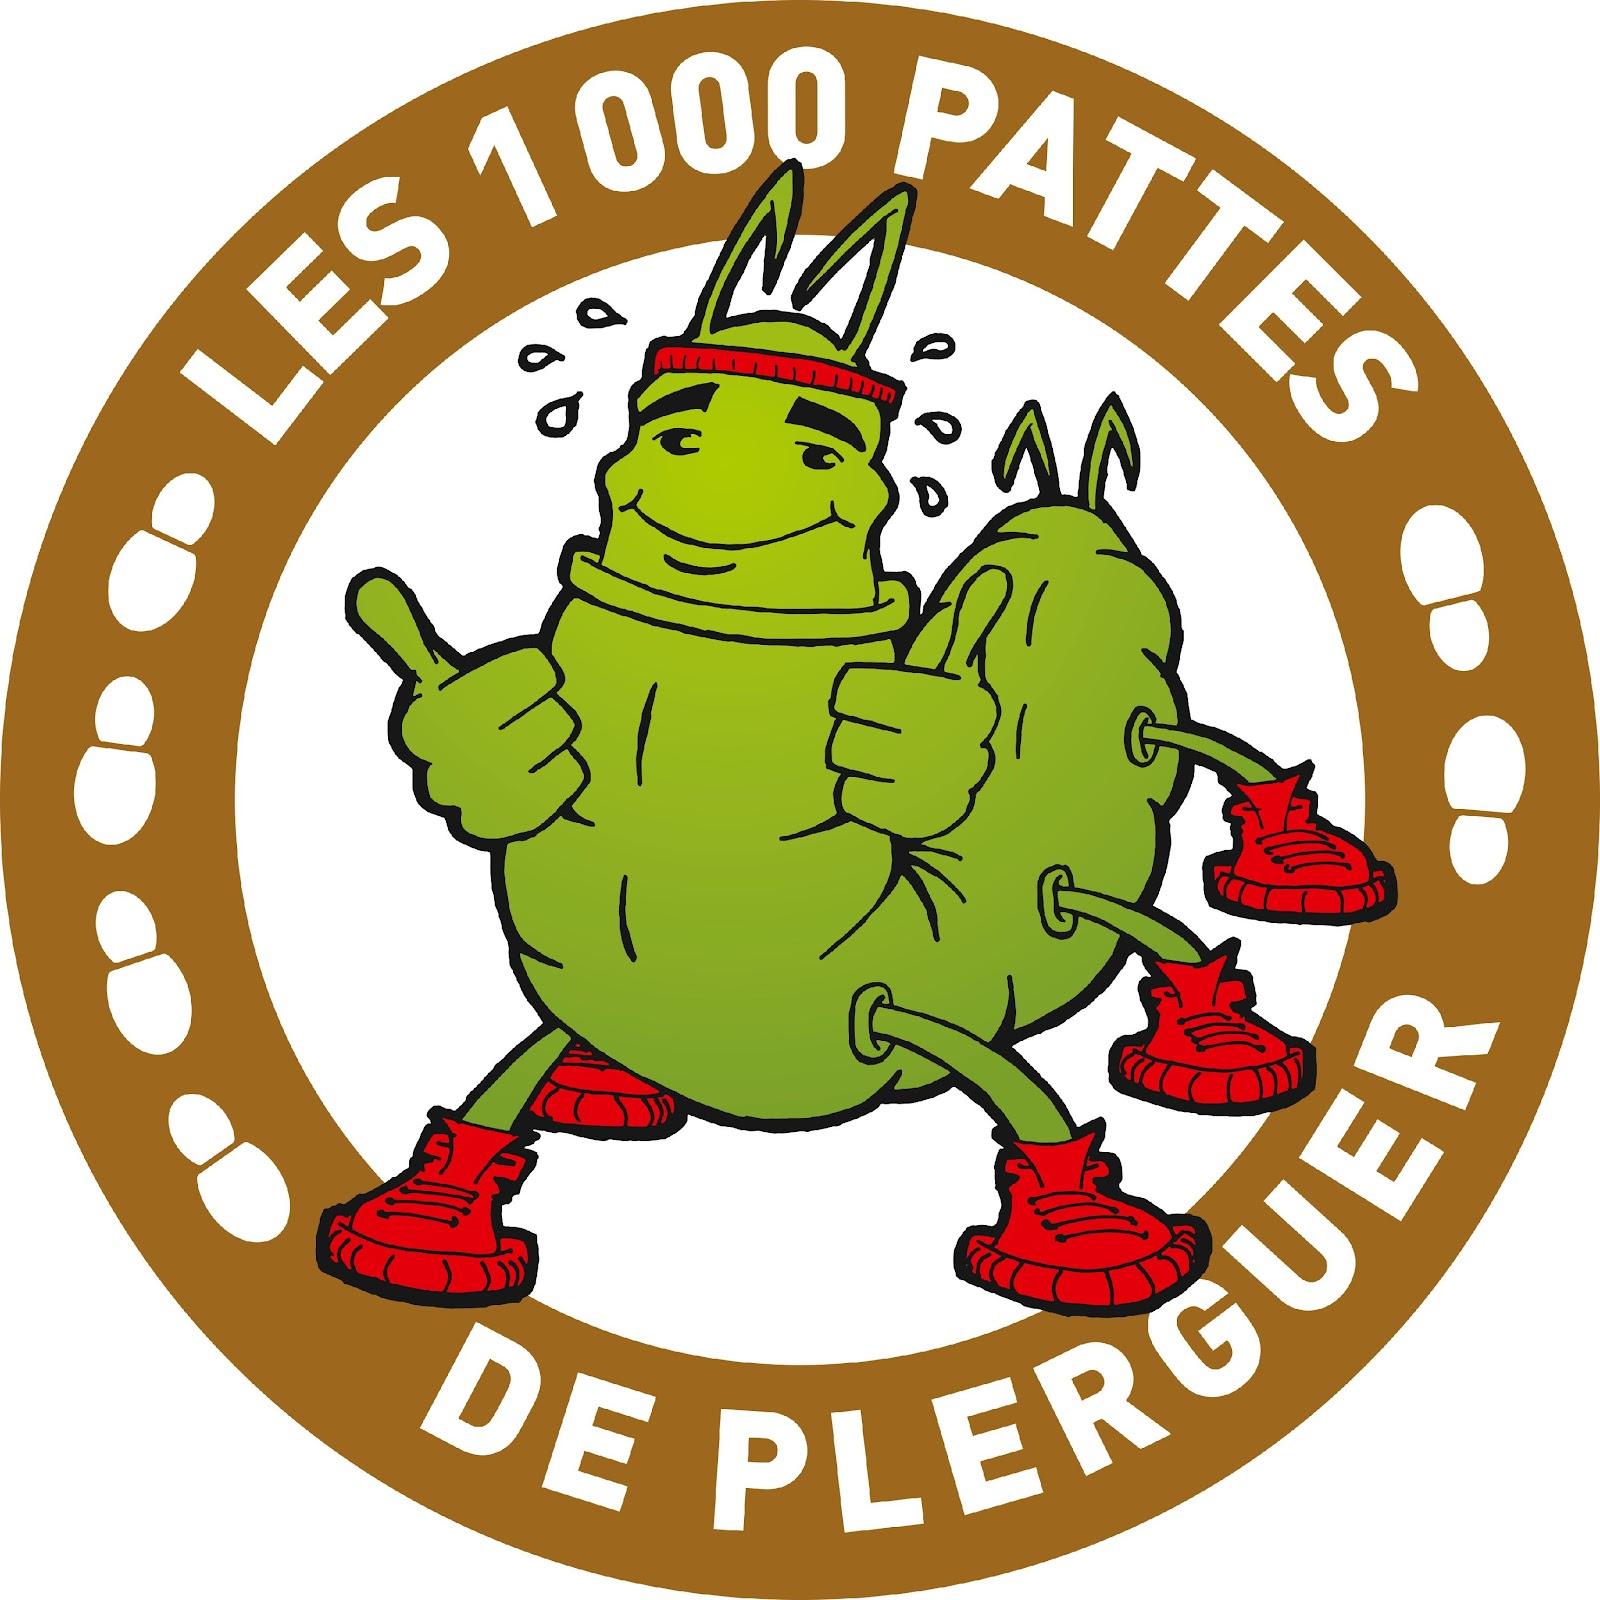 C:\Users\n.gernigon\Documents\Nathalie\DOSSIER PERSONNEL\course à pied\LOGO_1000_PATTES_PLERGUER_COUL.jpg